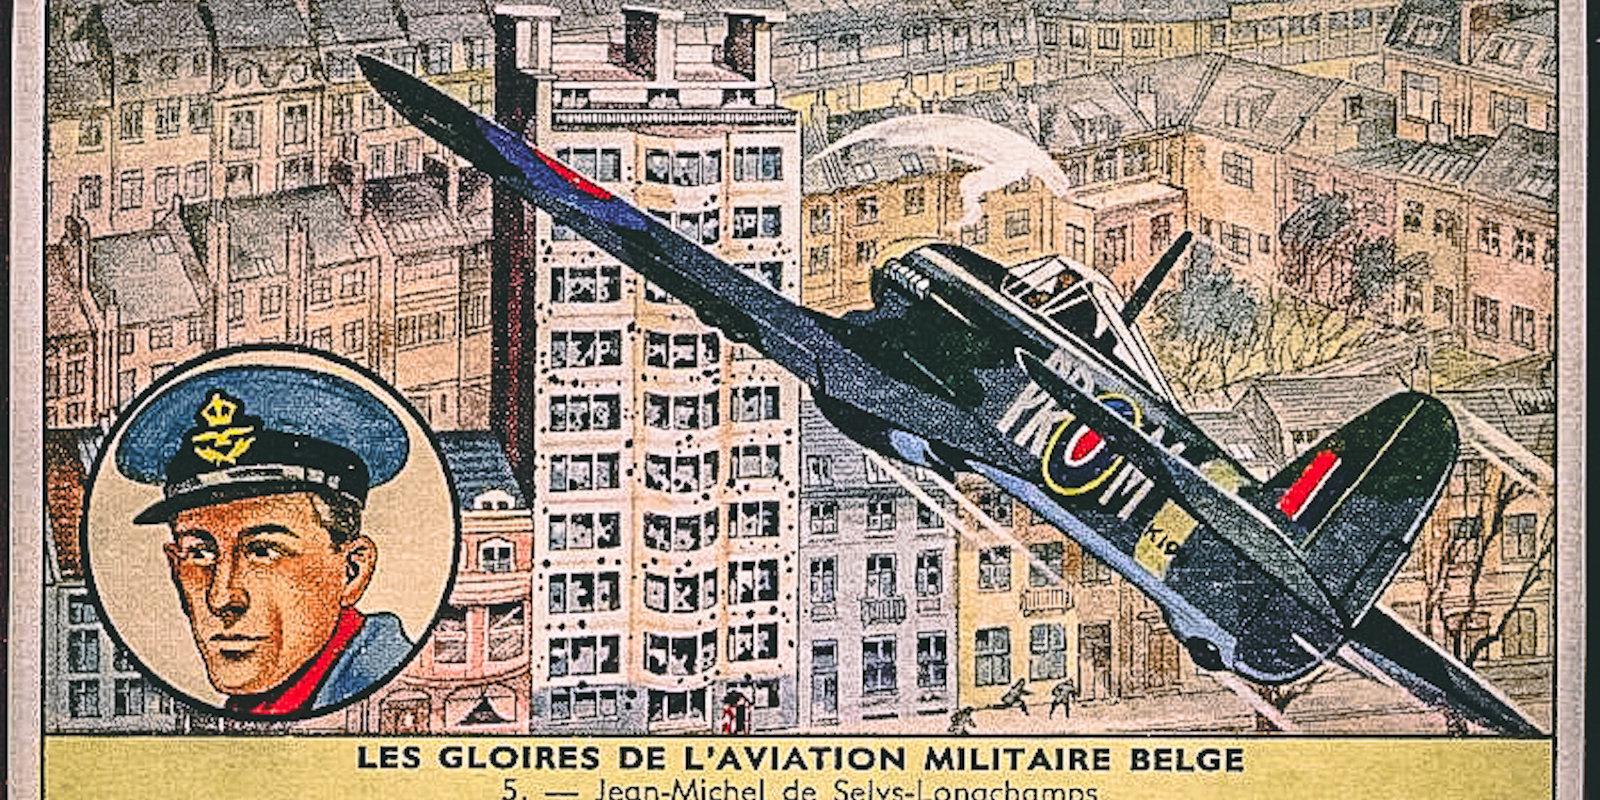 Vienatnē pret nacistiem – beļģu barons, kurš ar lidmašīnu uzbruka gestapo